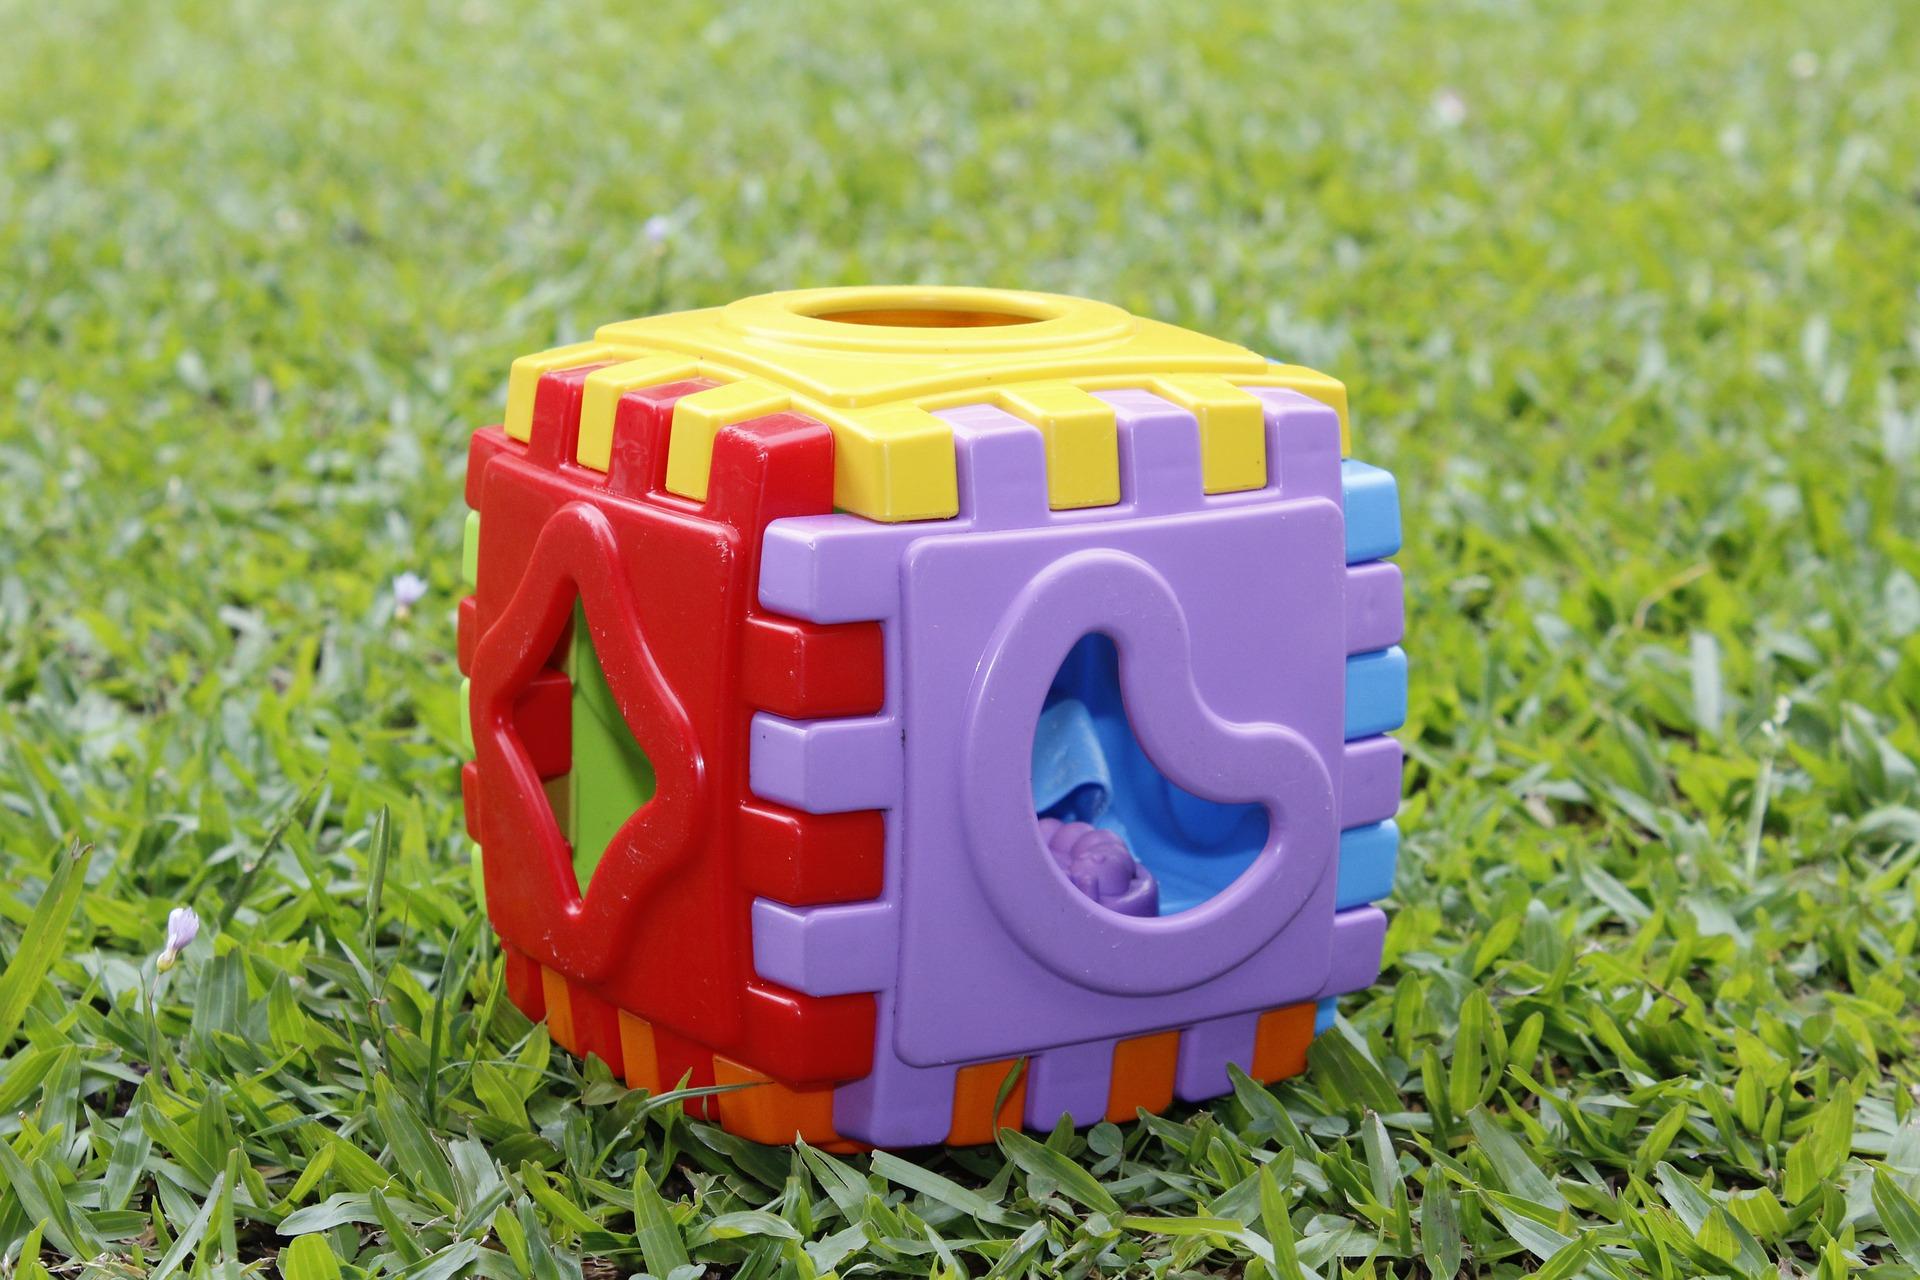 Гринпис проверит на экологичность и безопасность детские игрушки